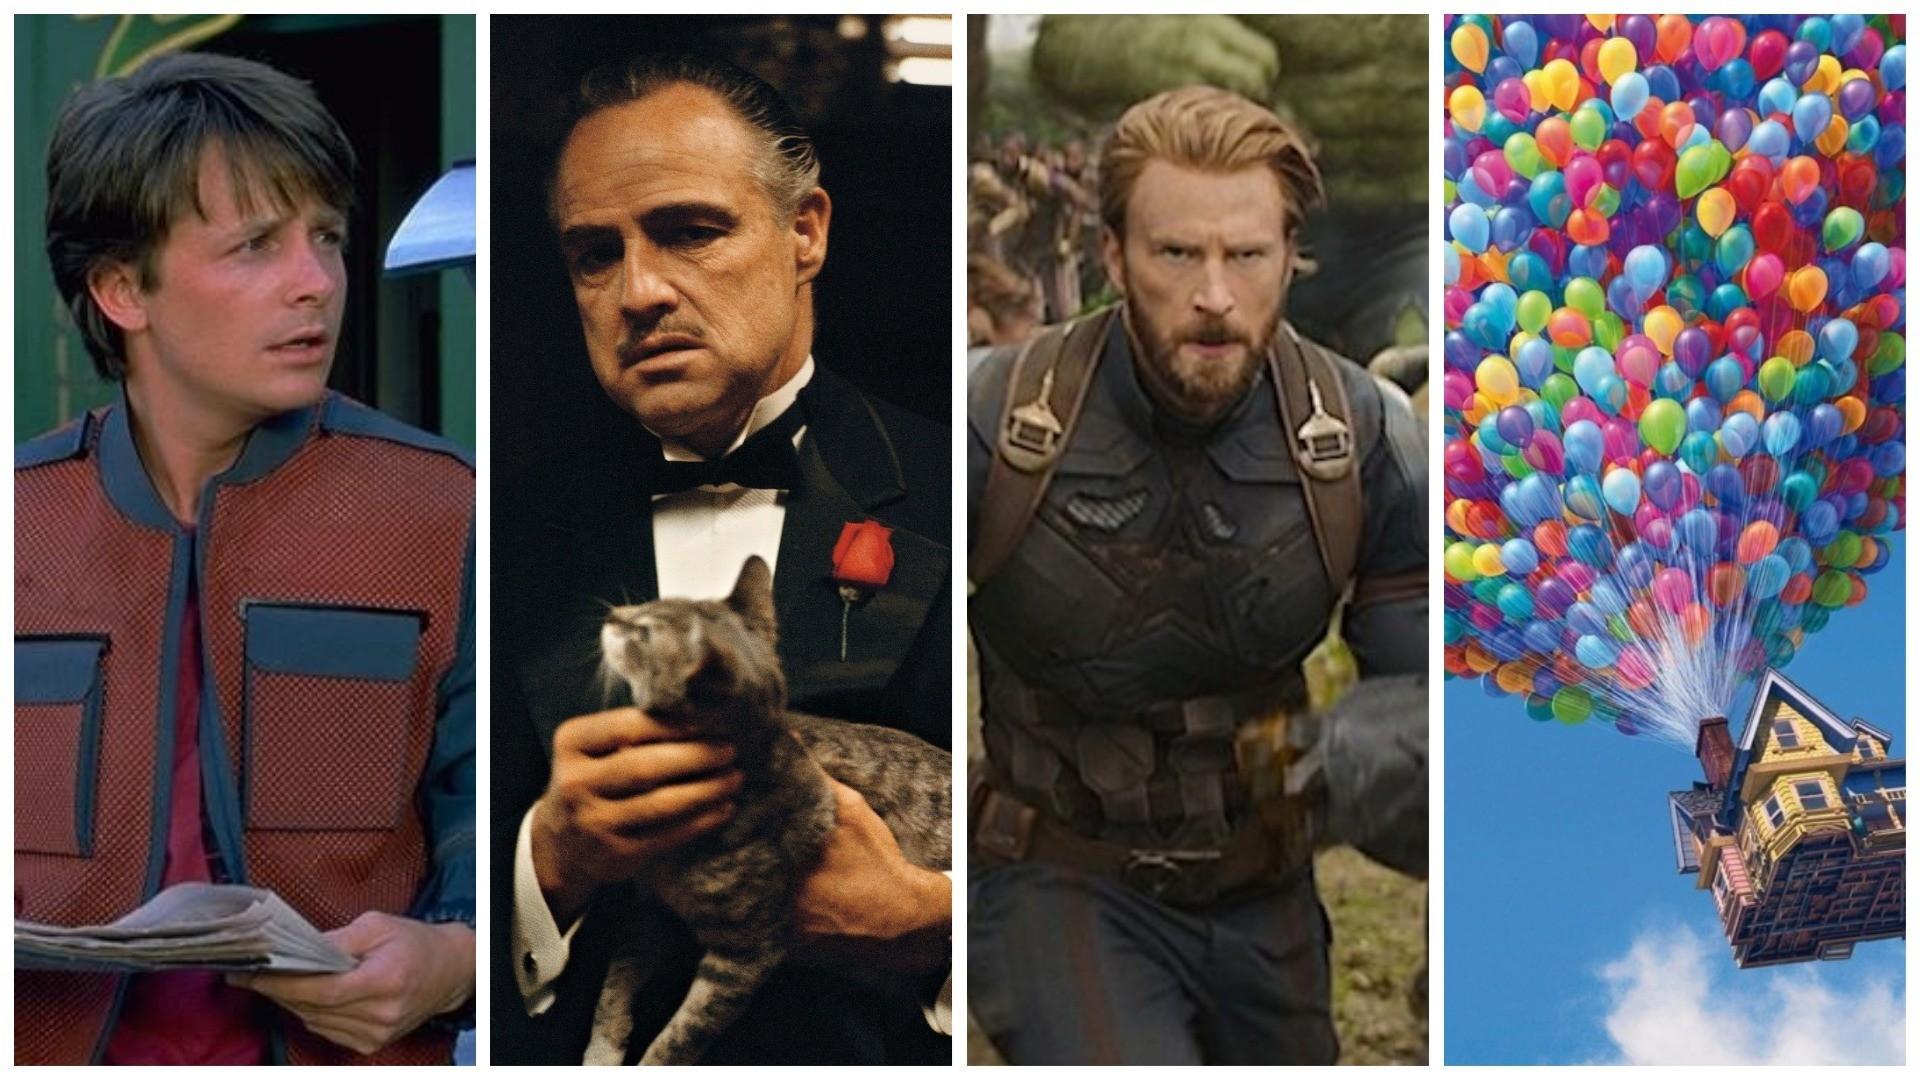 De Volta para o Futuro, O Poderoso Chefão, Vingadores: Guerra Infinita, Up: Altas Aventuras estão na lista dos 365 filmes para ver em 2019, na MONET de janeiro (Foto: Reprodução)